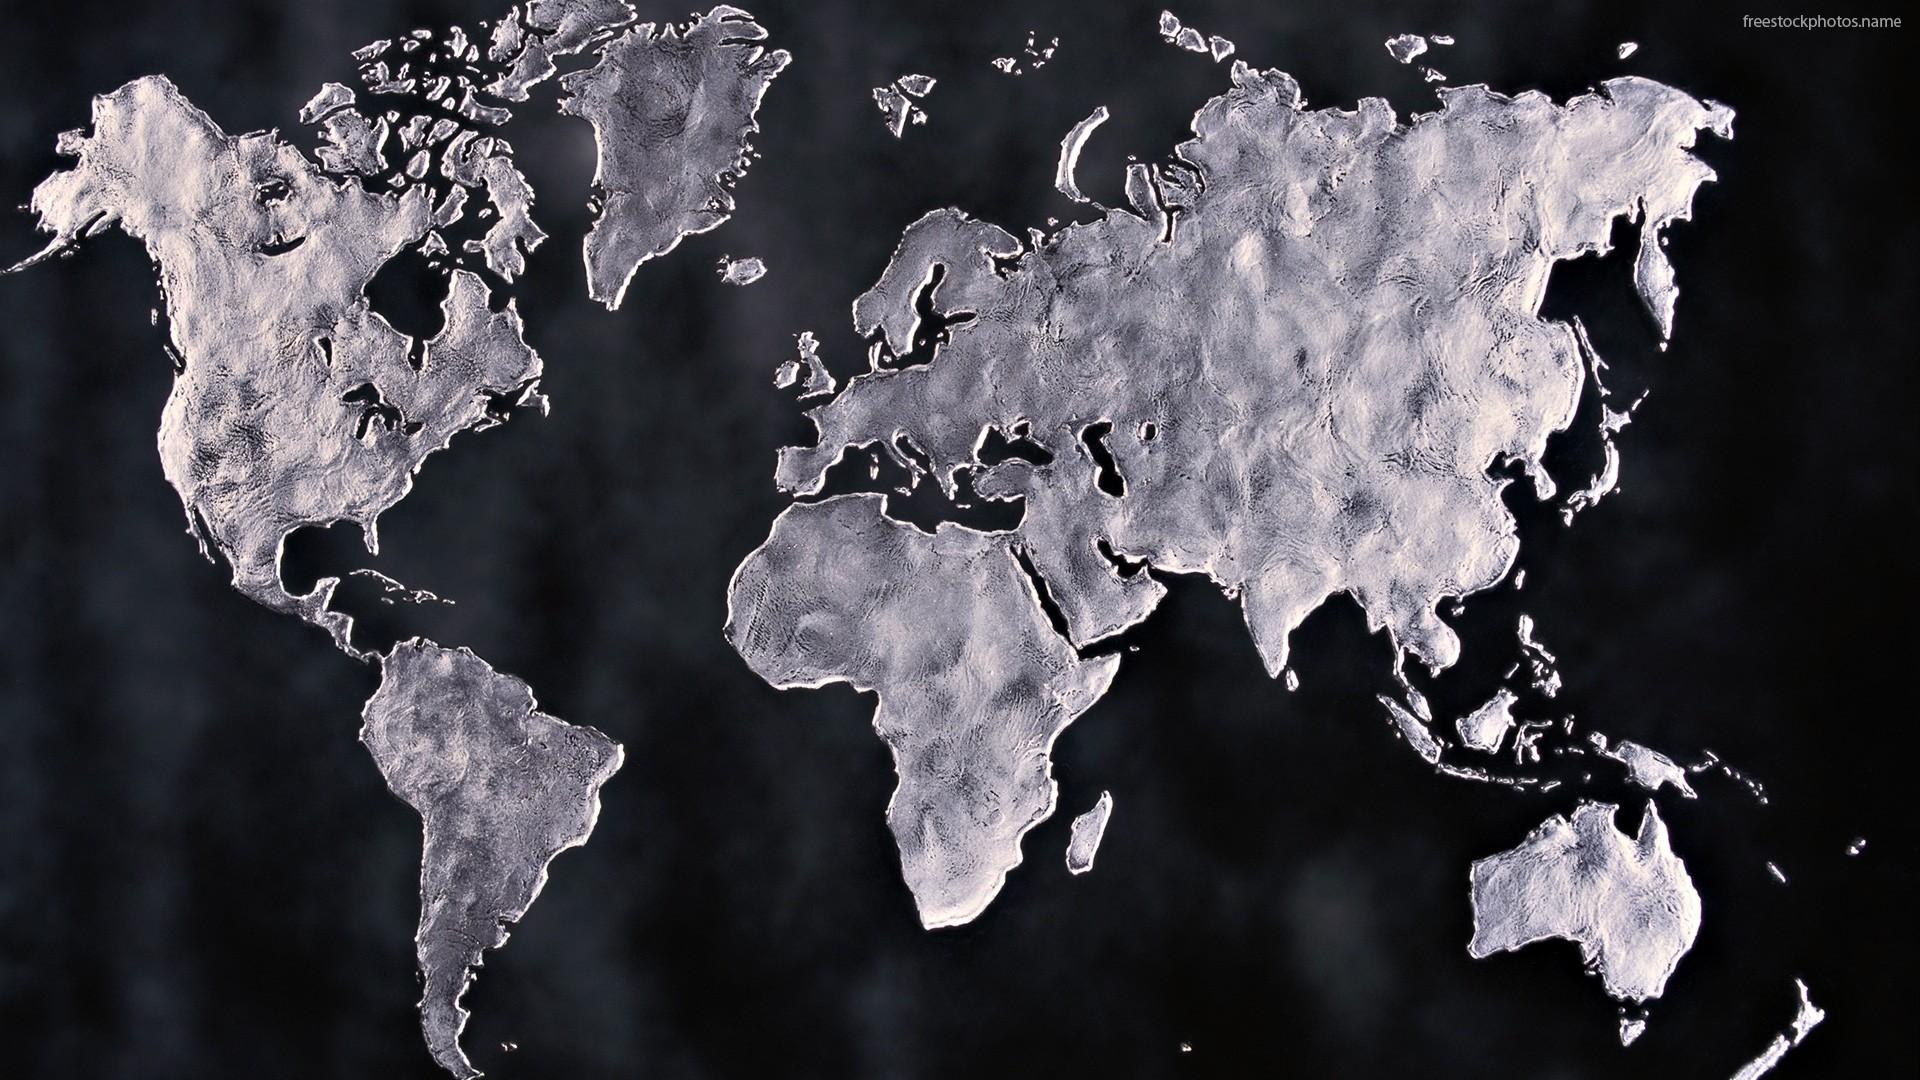 World map screensaver wallpaper 56 images 1920x1080 9261 world map 1920x1080 digital art wallpaper gumiabroncs Images